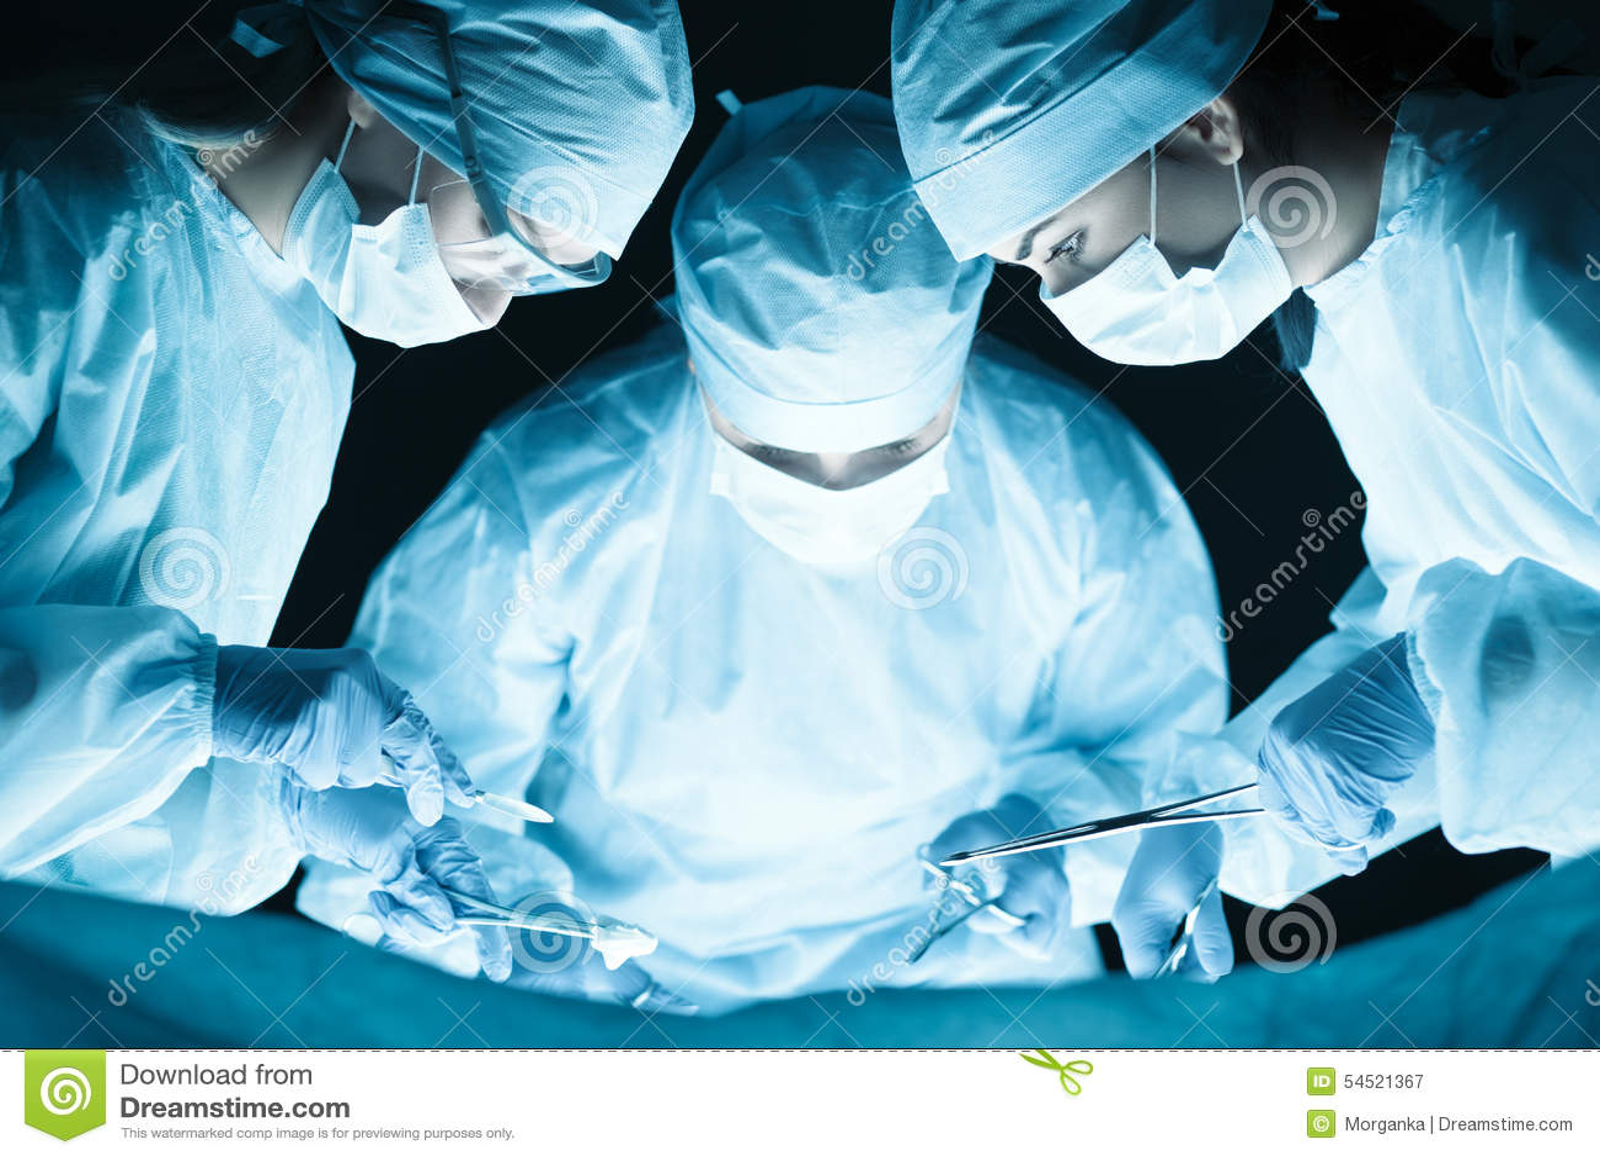 Gruppo di medici che realizza operazione